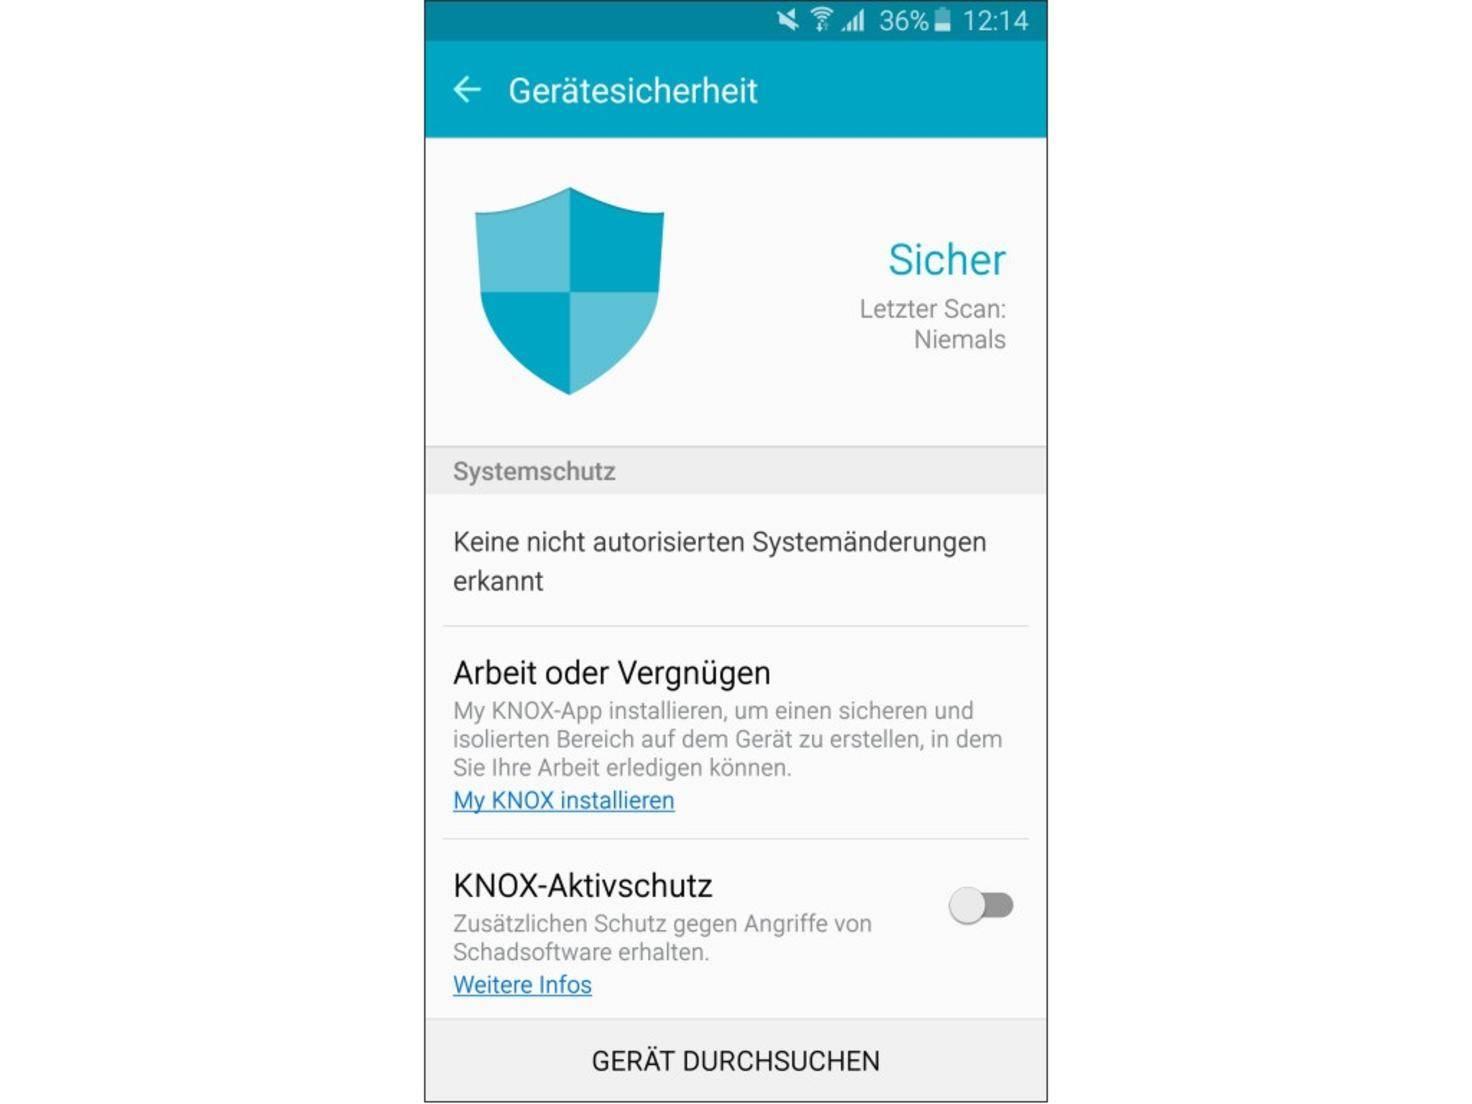 Der Knox-Aktivschutz soll vor Malware schützen.